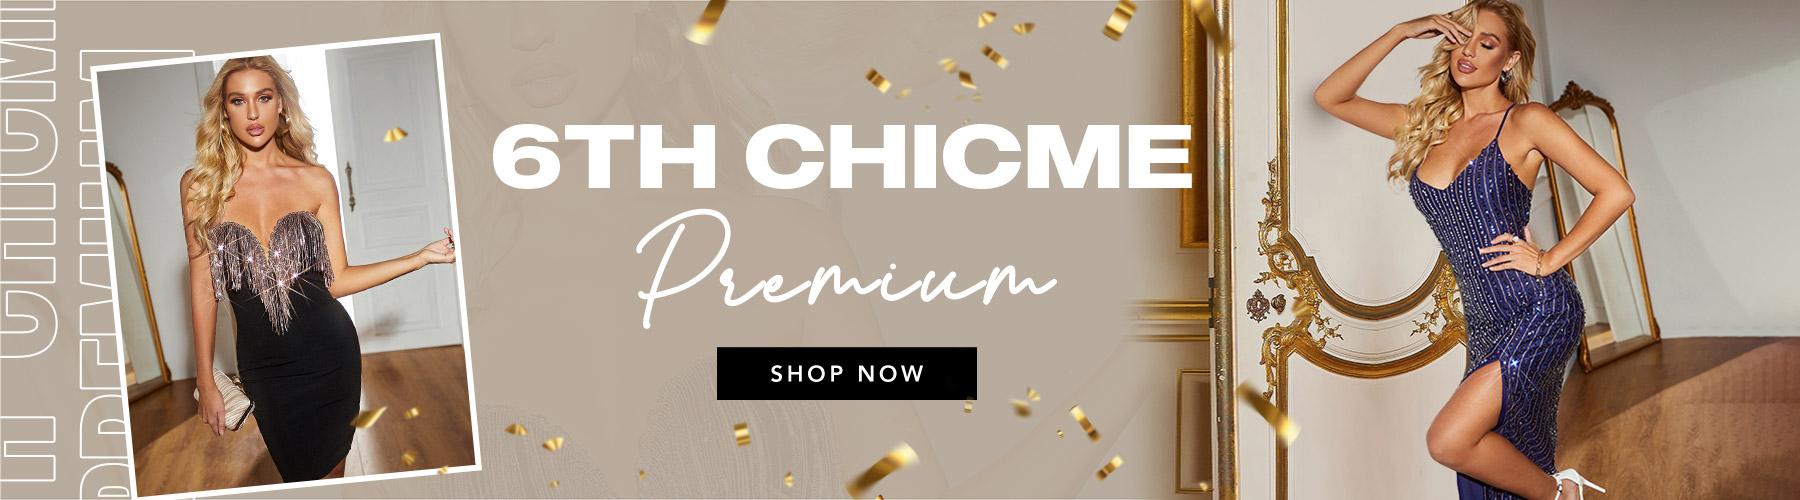 Chicme Premium